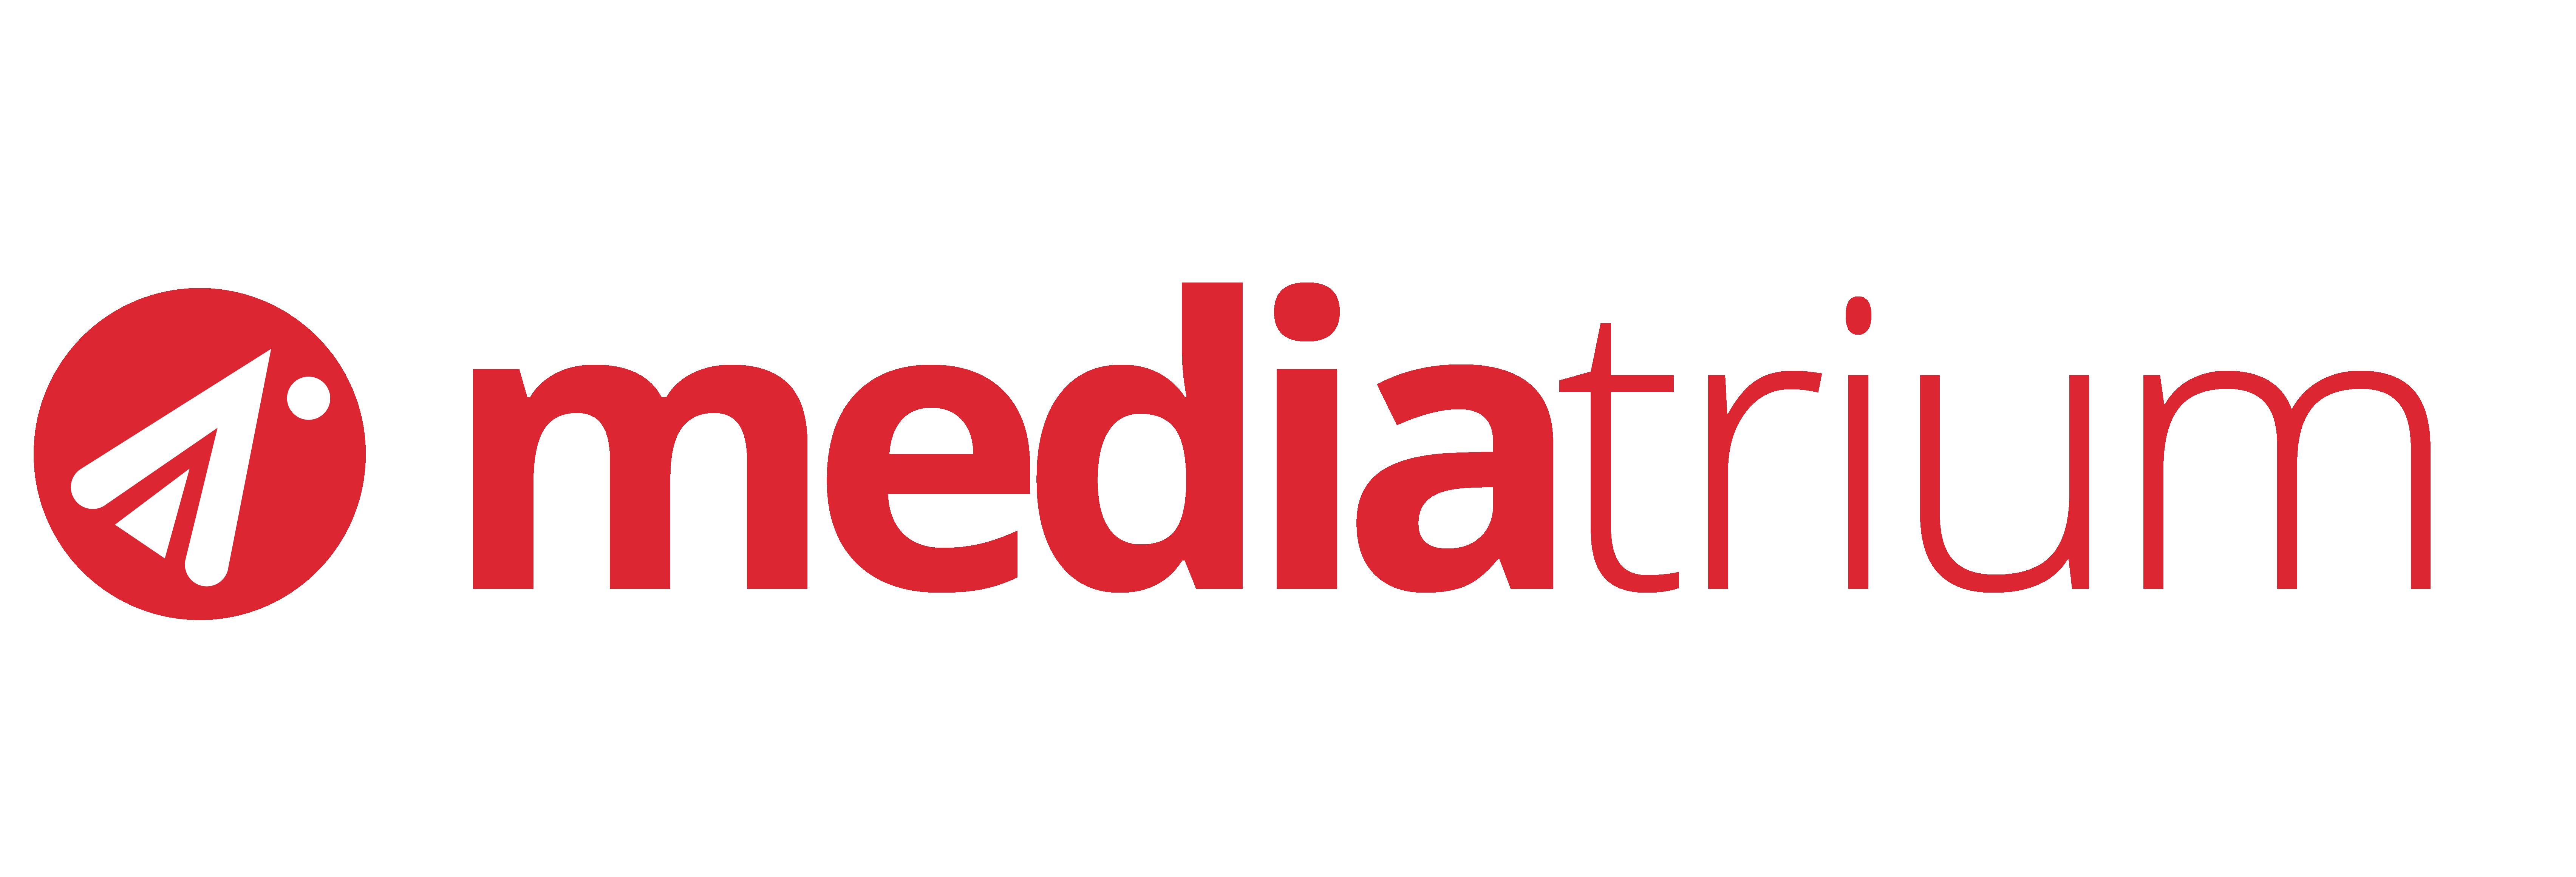 Mediatrium Europe